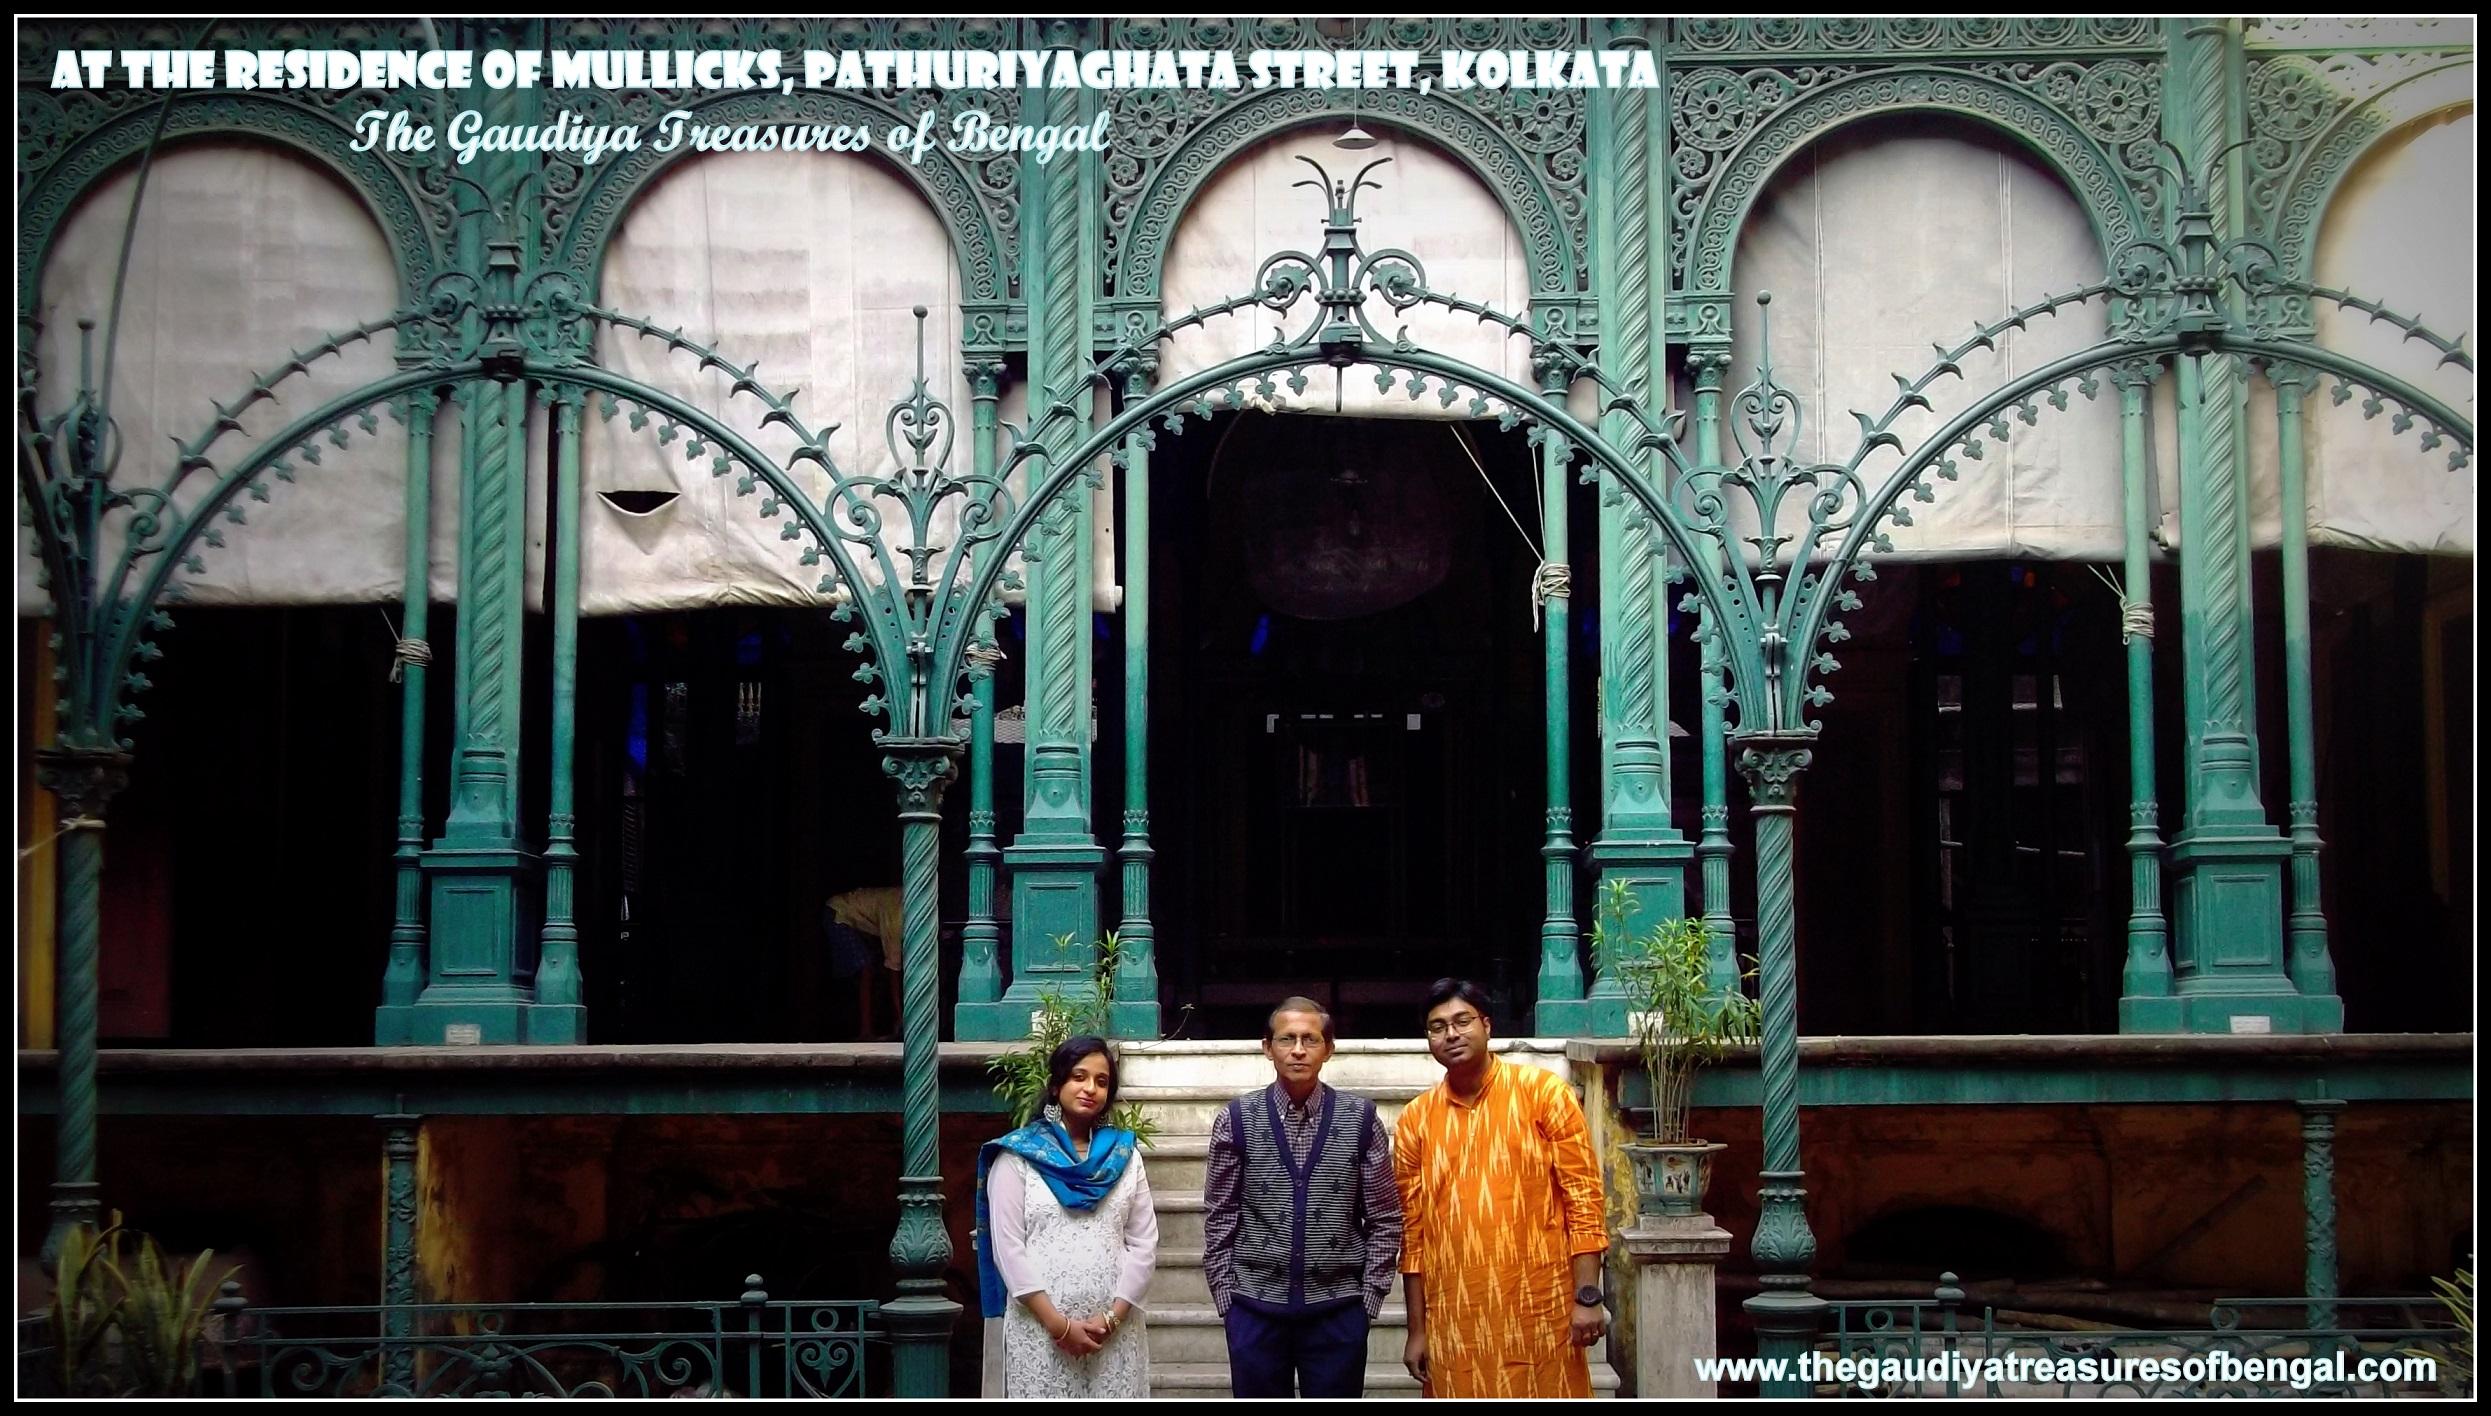 pathuriyaghata